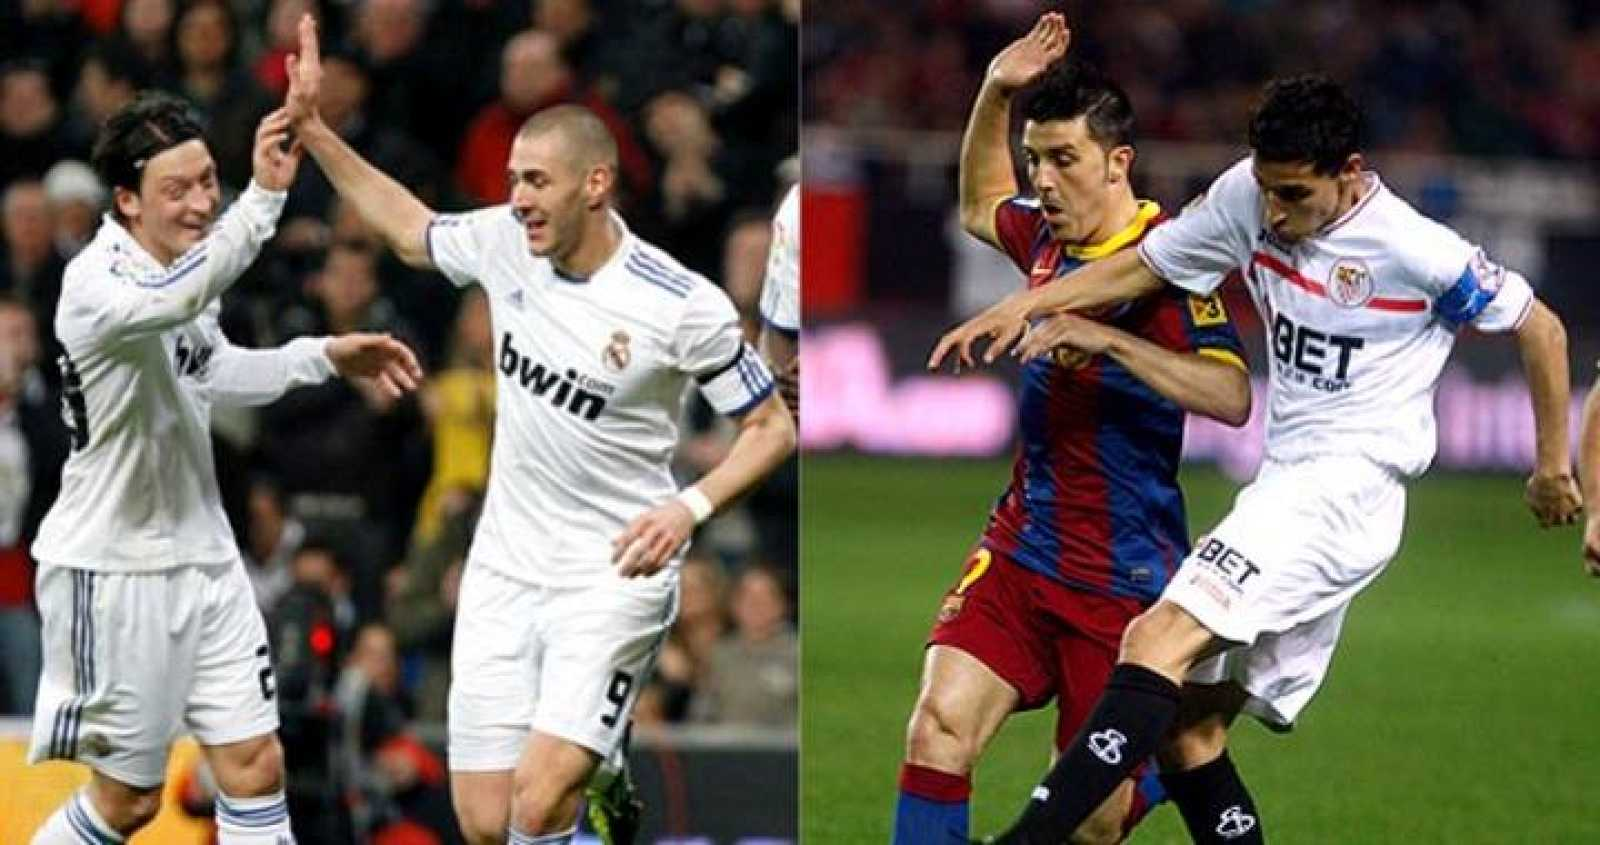 Benzema celebra un gol con su compañero Özil y Navas roba el balón al azulgrana Villa.